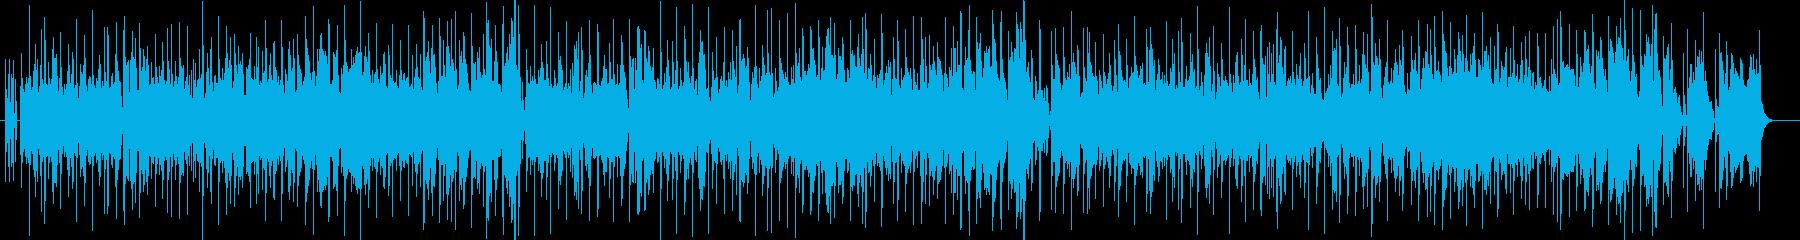 ファンキーなオルガンジャズヒップホップの再生済みの波形